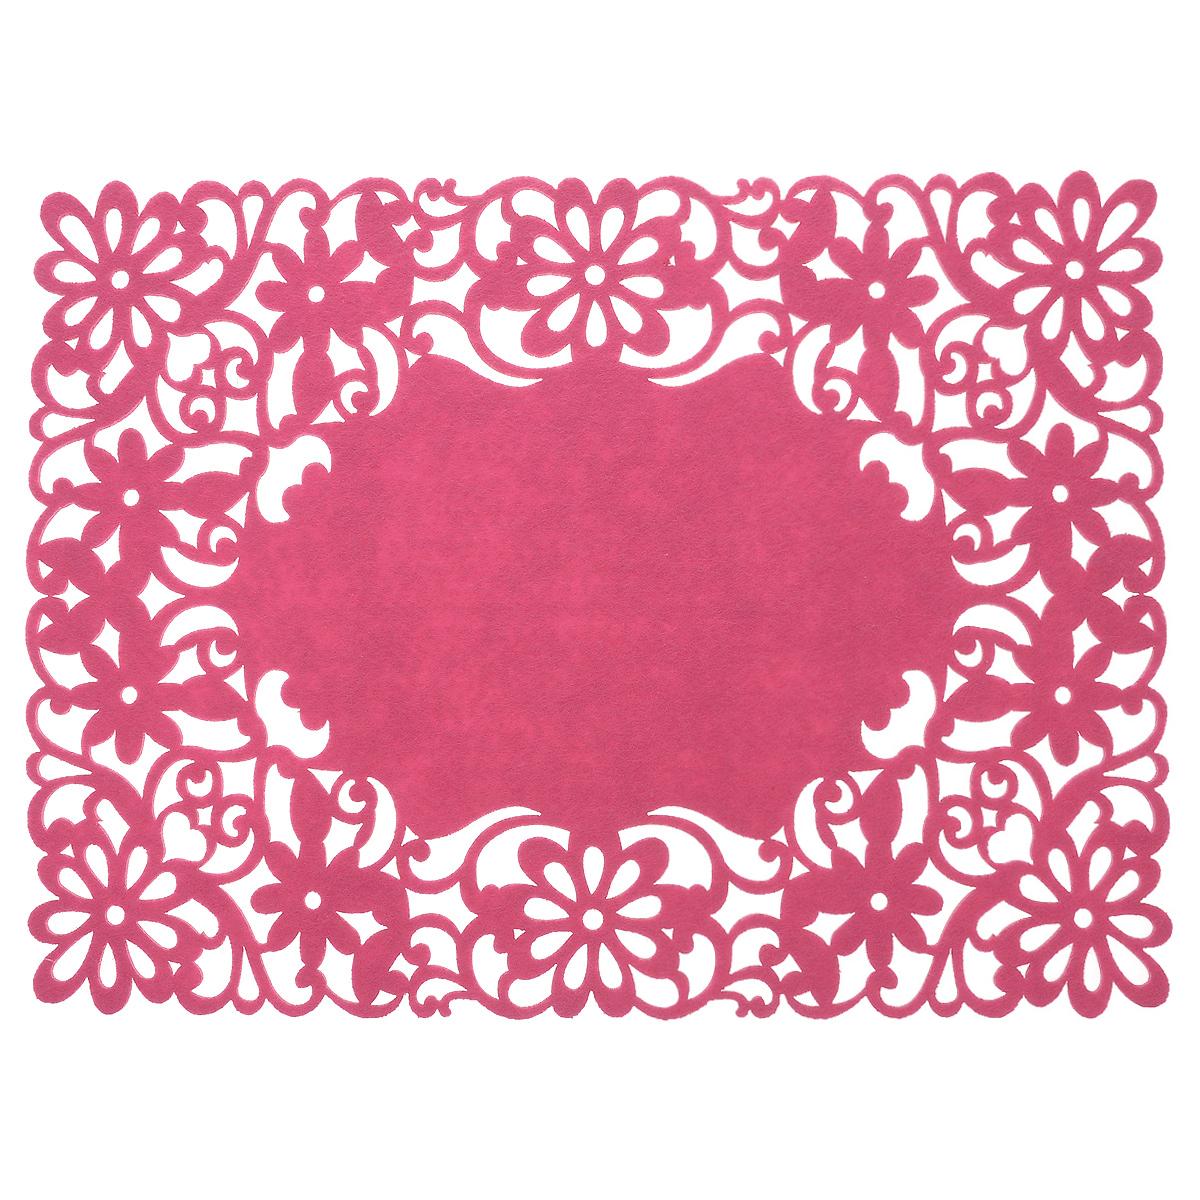 Салфетка Home Queen Цветы, цвет: розовый, 40 см х 30 см64498_3Прямоугольная салфетка Home Queen Цветы изготовлена из фетра и оформлена изысканной перфорацией в виде цветочных узоров. Такая салфетка прекрасно подойдет для украшения интерьера кухни, она сбережет стол от высоких температур и грязи.